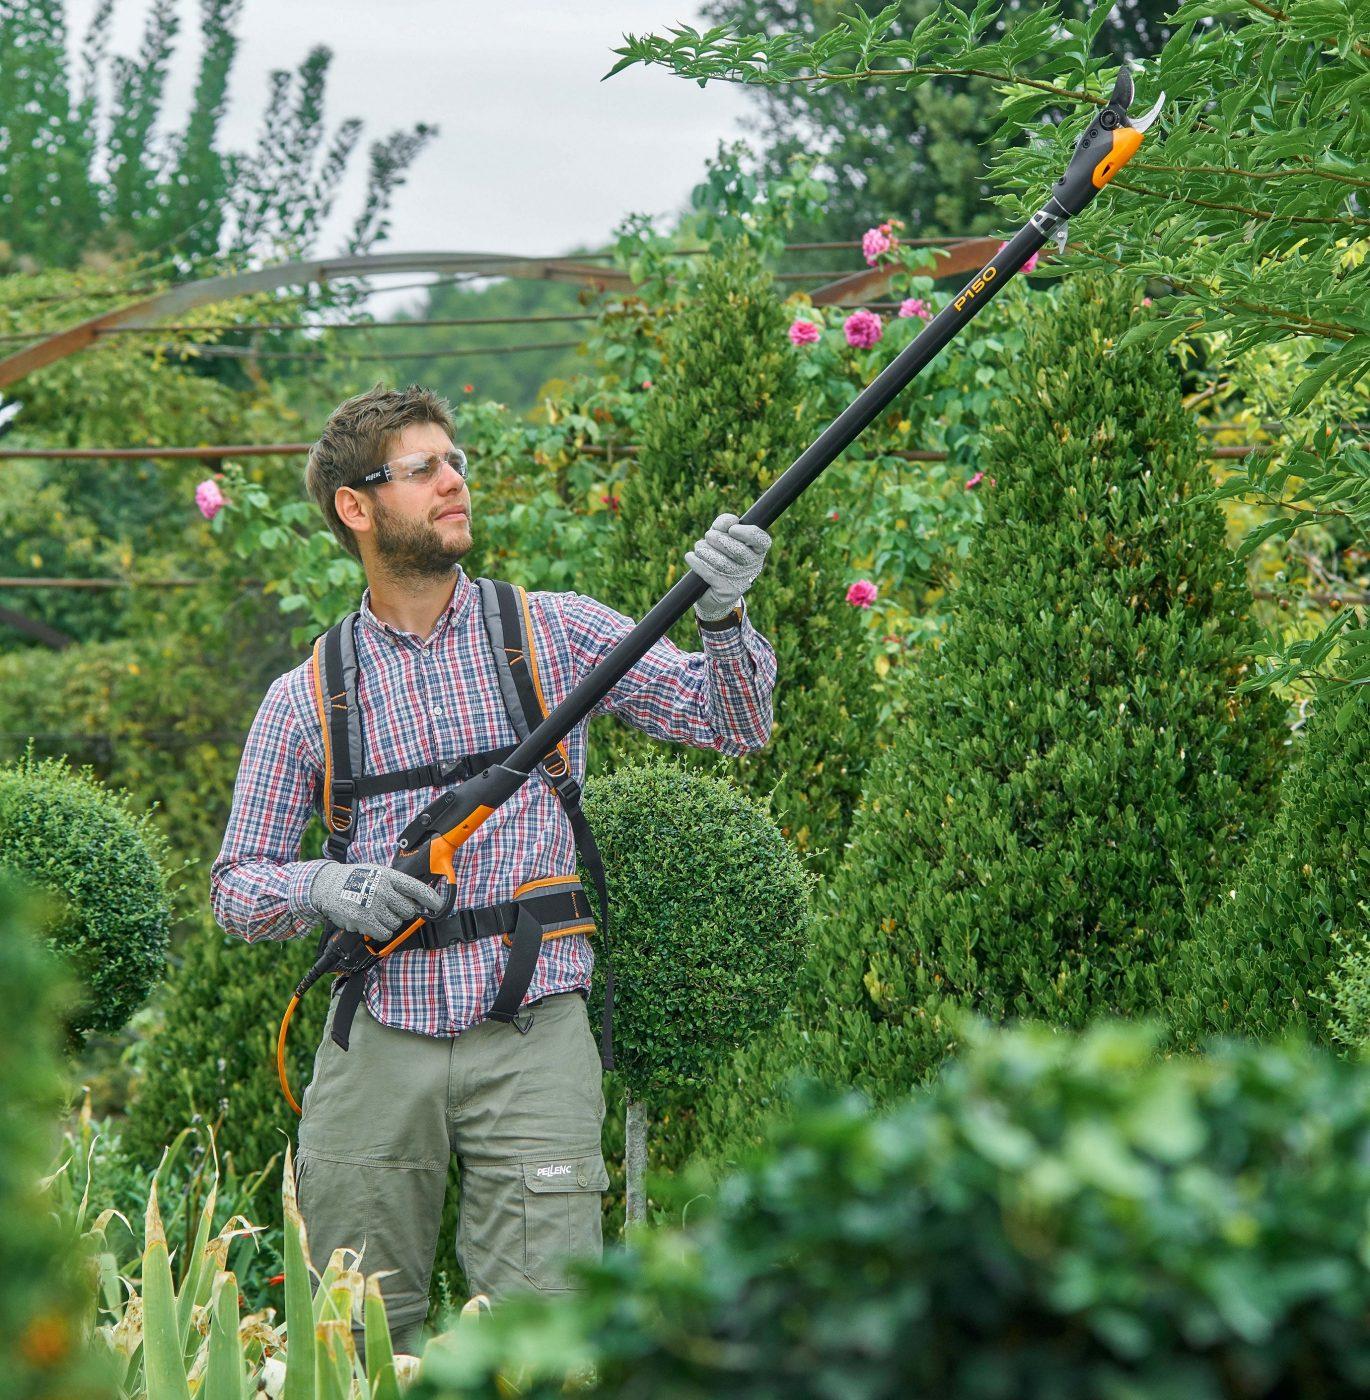 Prunion long-reach pruning shears